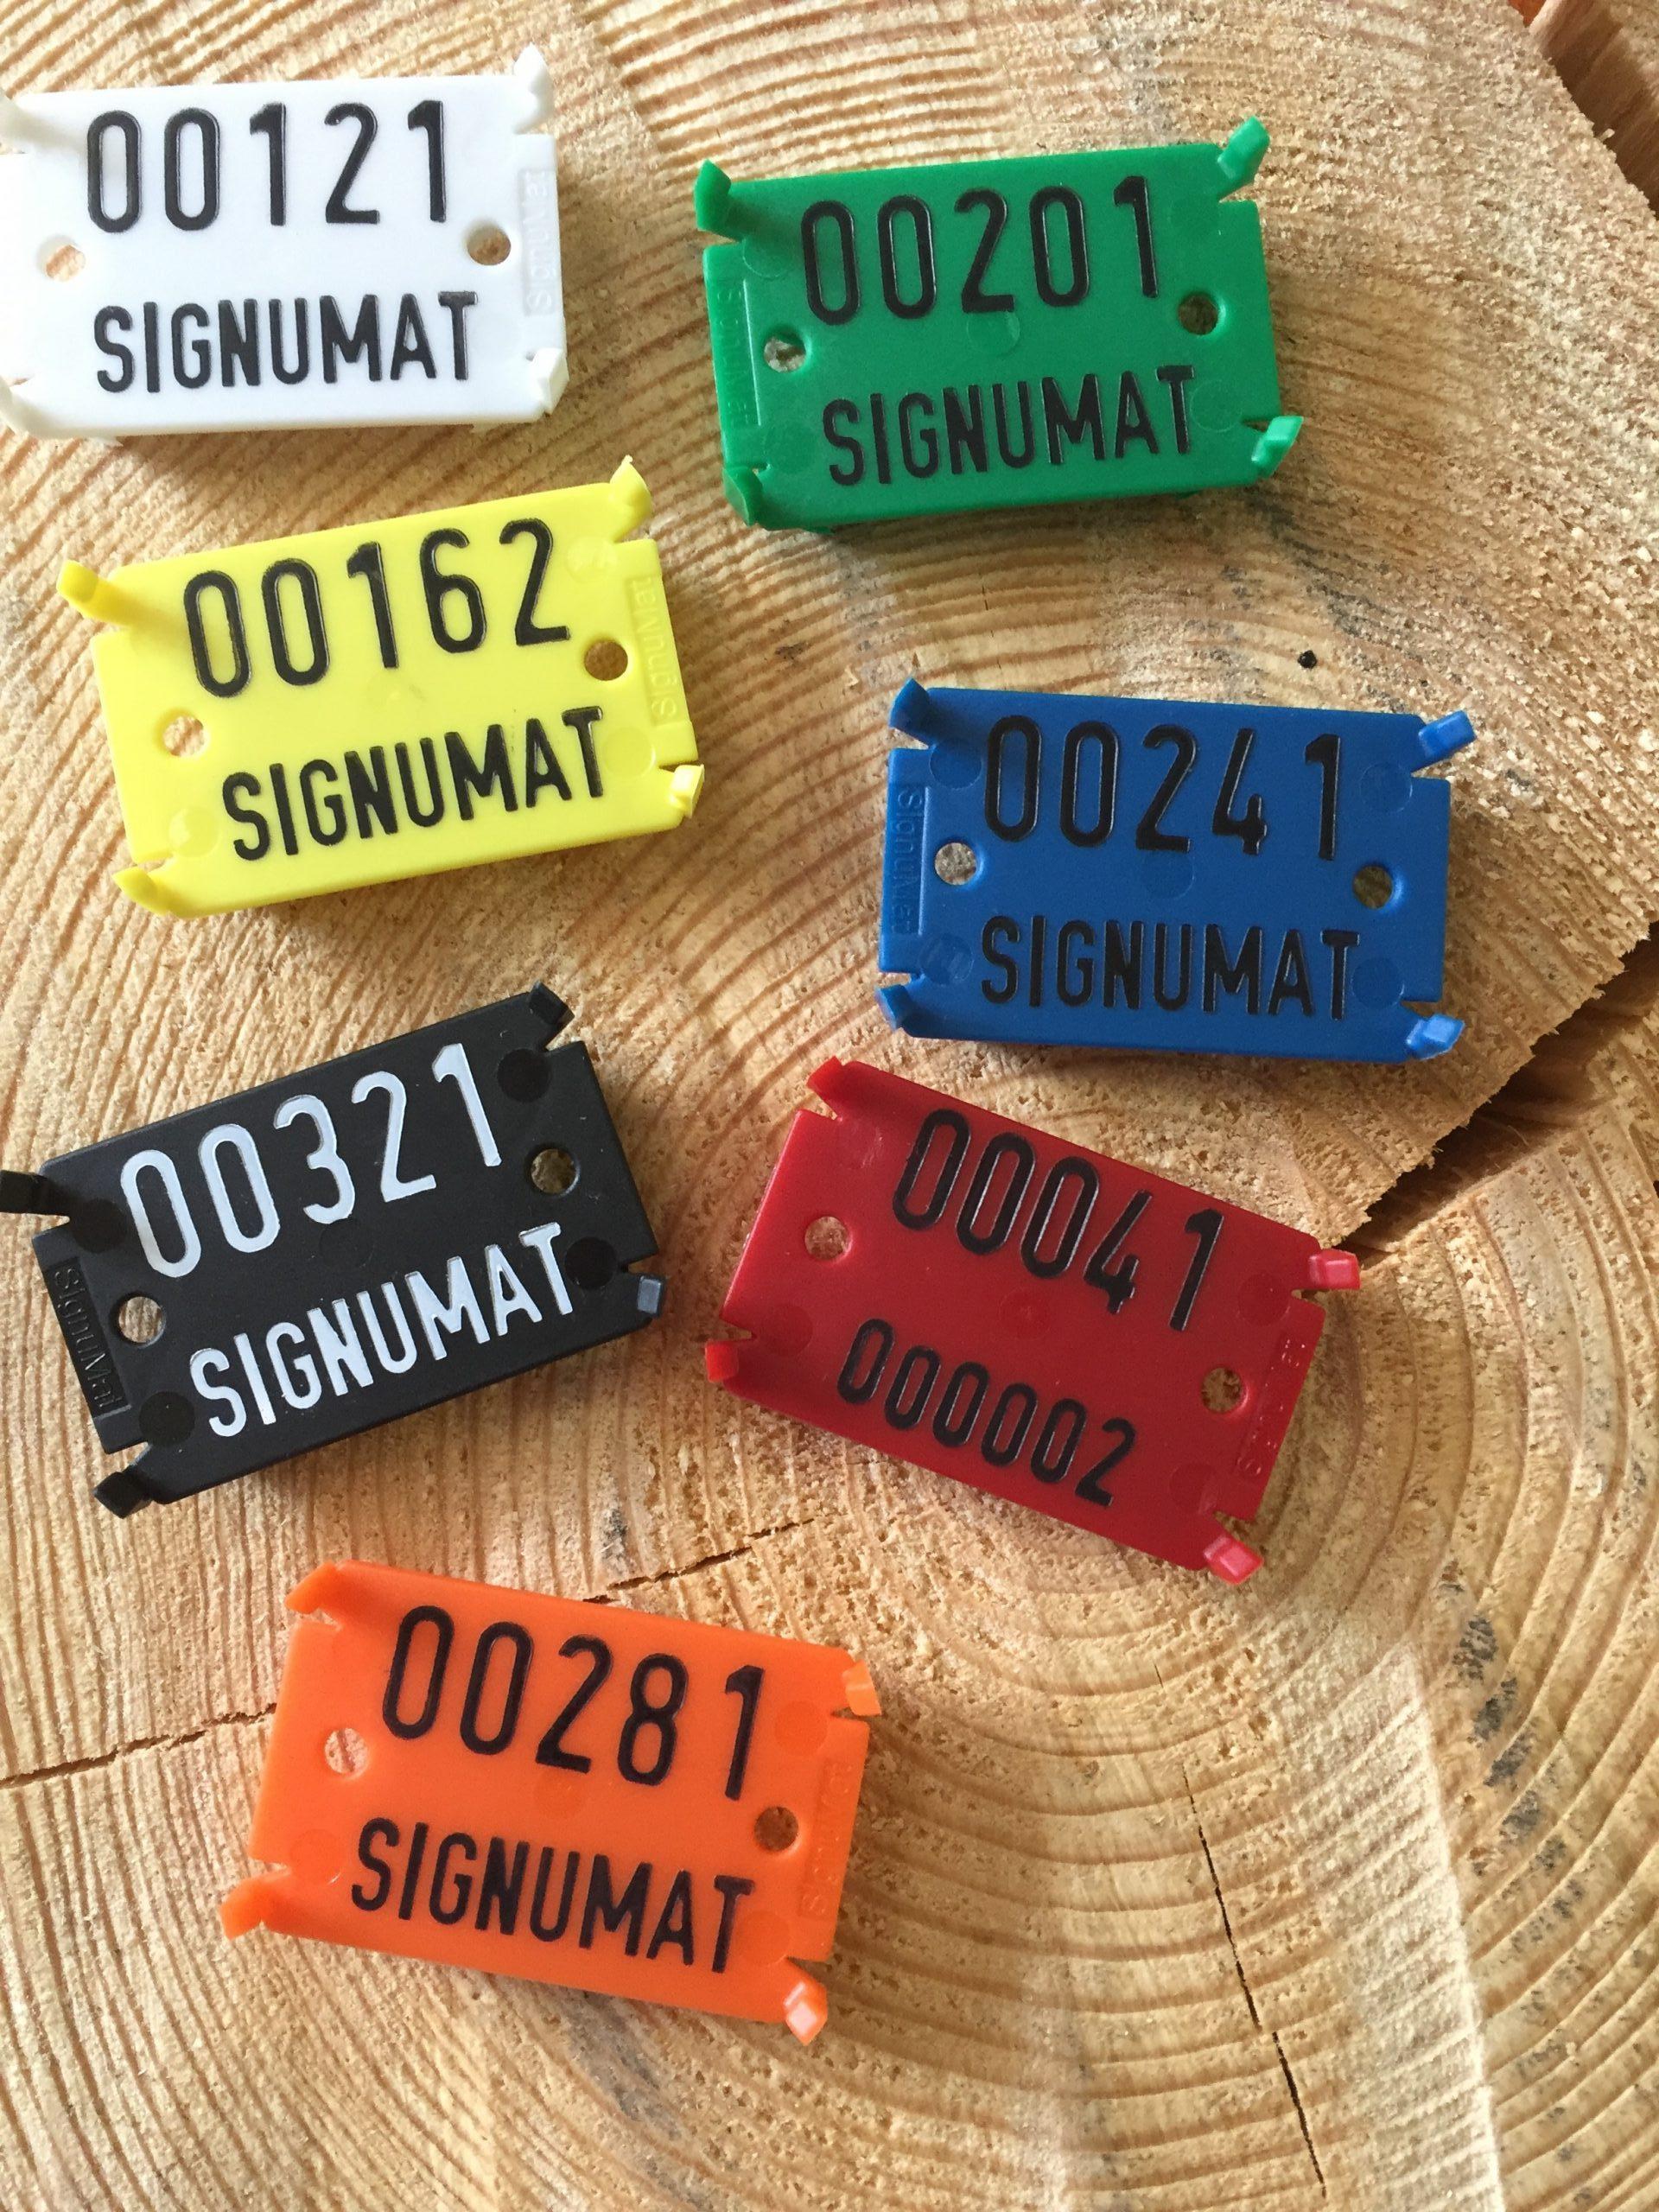 Кольорові бирки Signumat допоможуть з ідентифікацією деревини